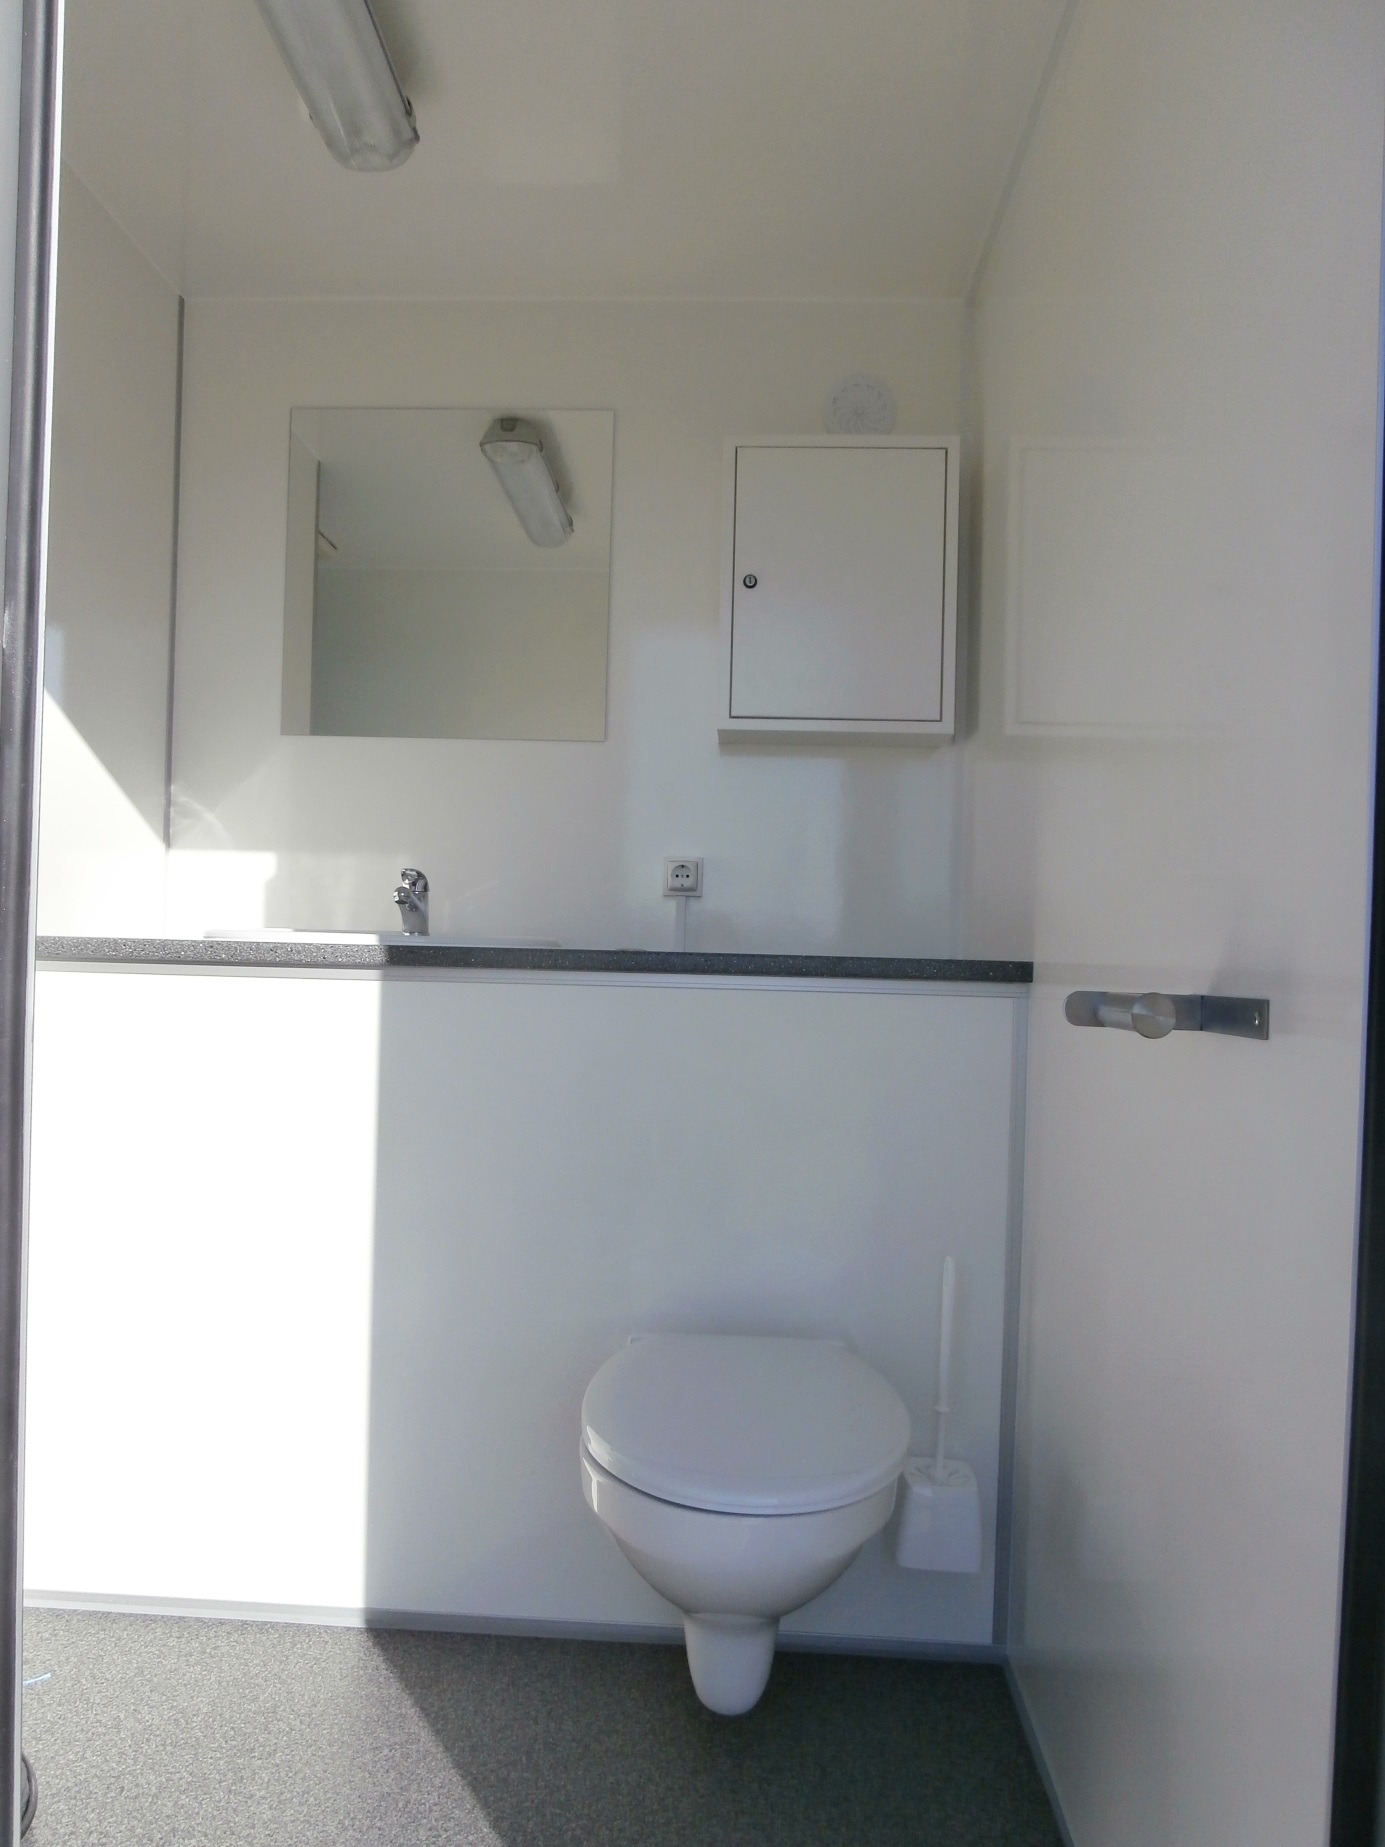 Typ 17 24 mobile badezimmer eurowagon - Mobiles badezimmer ...